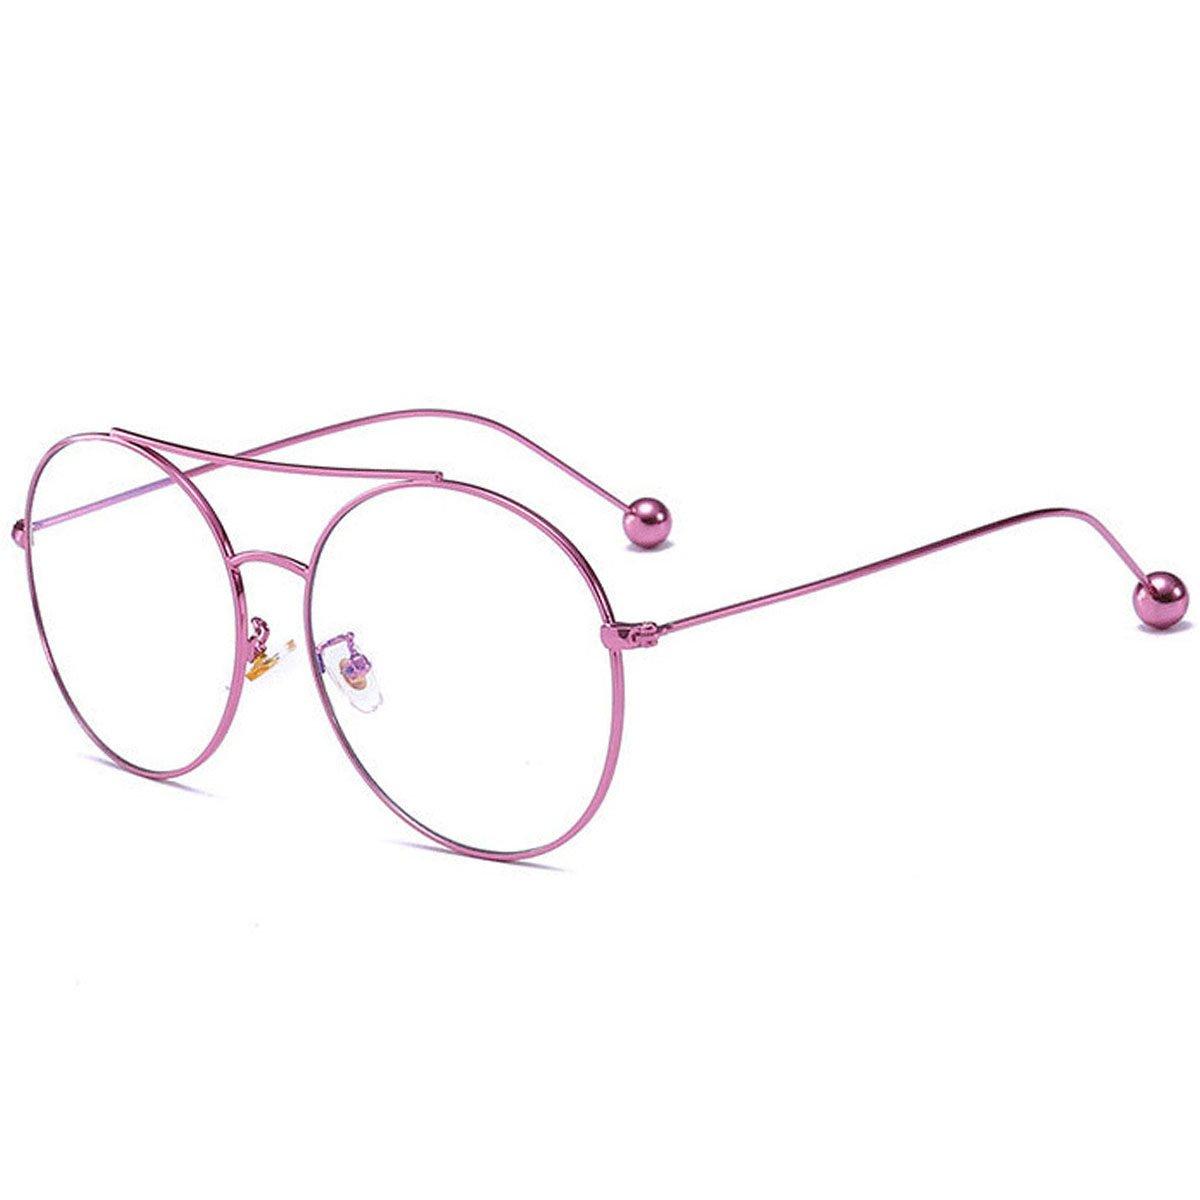 Uomini Donne Polarizzato Occhiali Da Sole Fresco Classic Twin-Travi Telaio In Metallo Lusso Guidare Specchio Occhiali Da Vista UV400,C1-OneSize